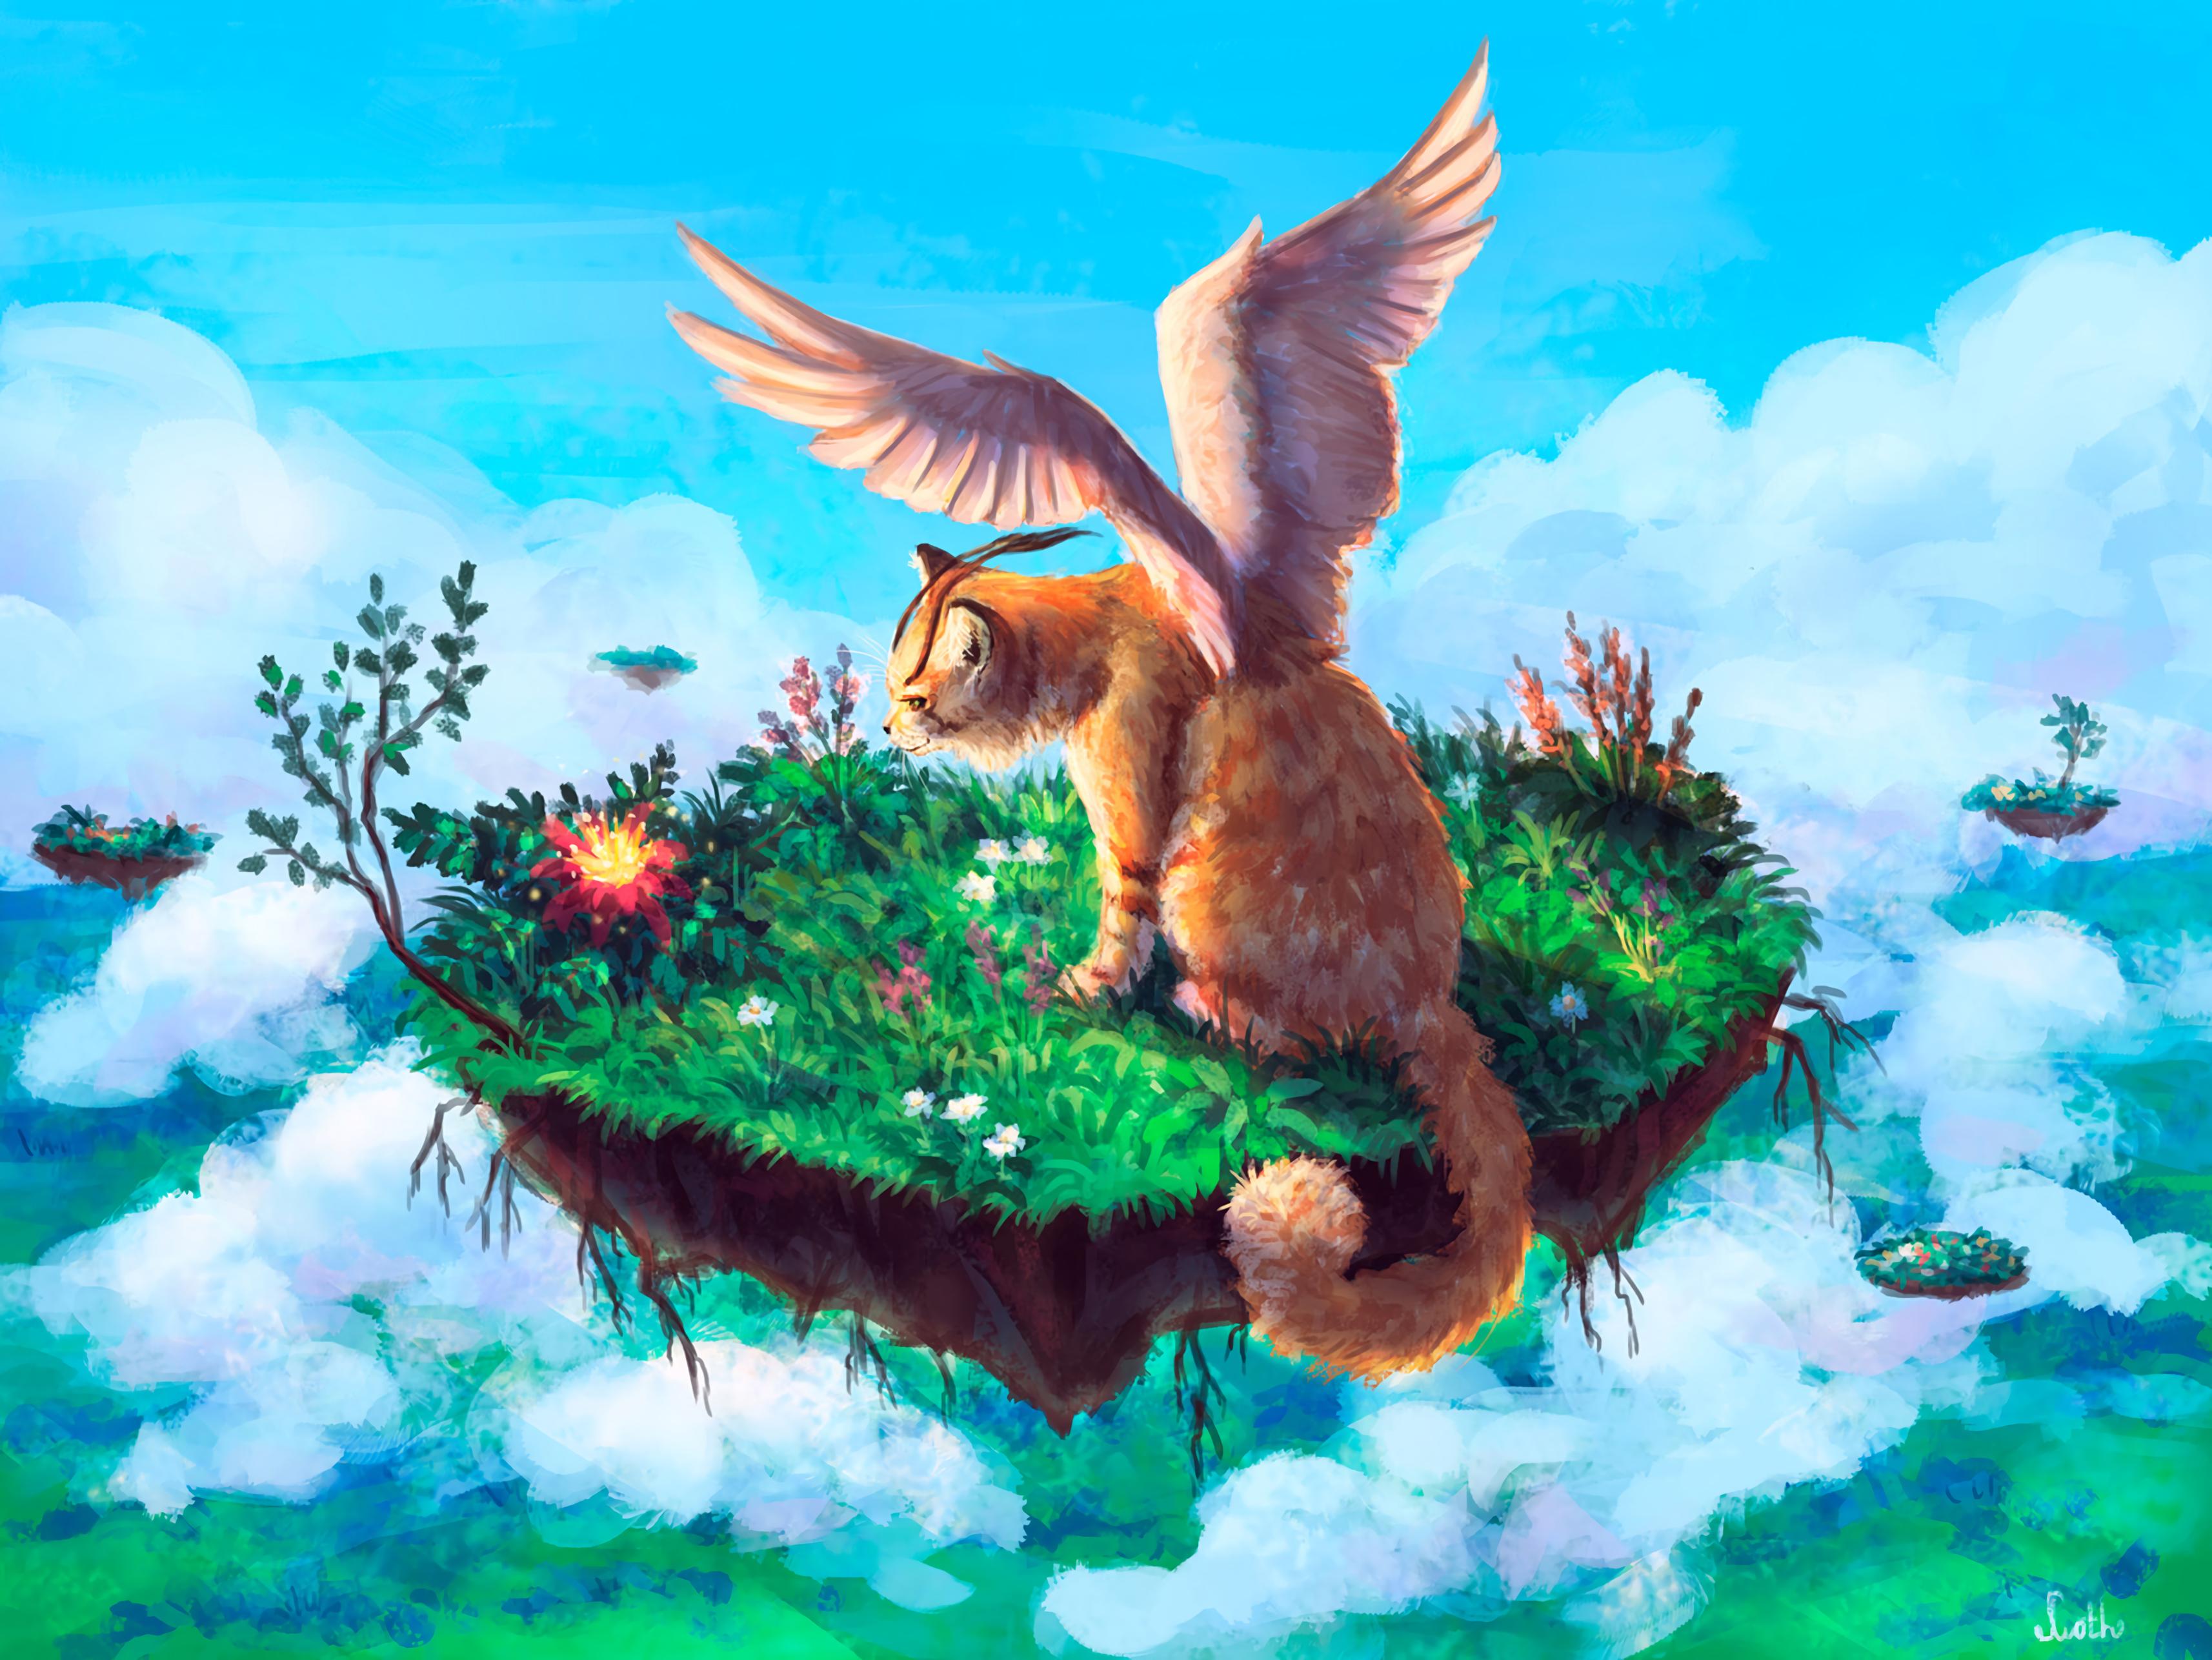 92432 papel de parede 1080x2400 em seu telefone gratuitamente, baixe imagens Arte, Gato, Animal, Asas, Fantástico 1080x2400 em seu celular